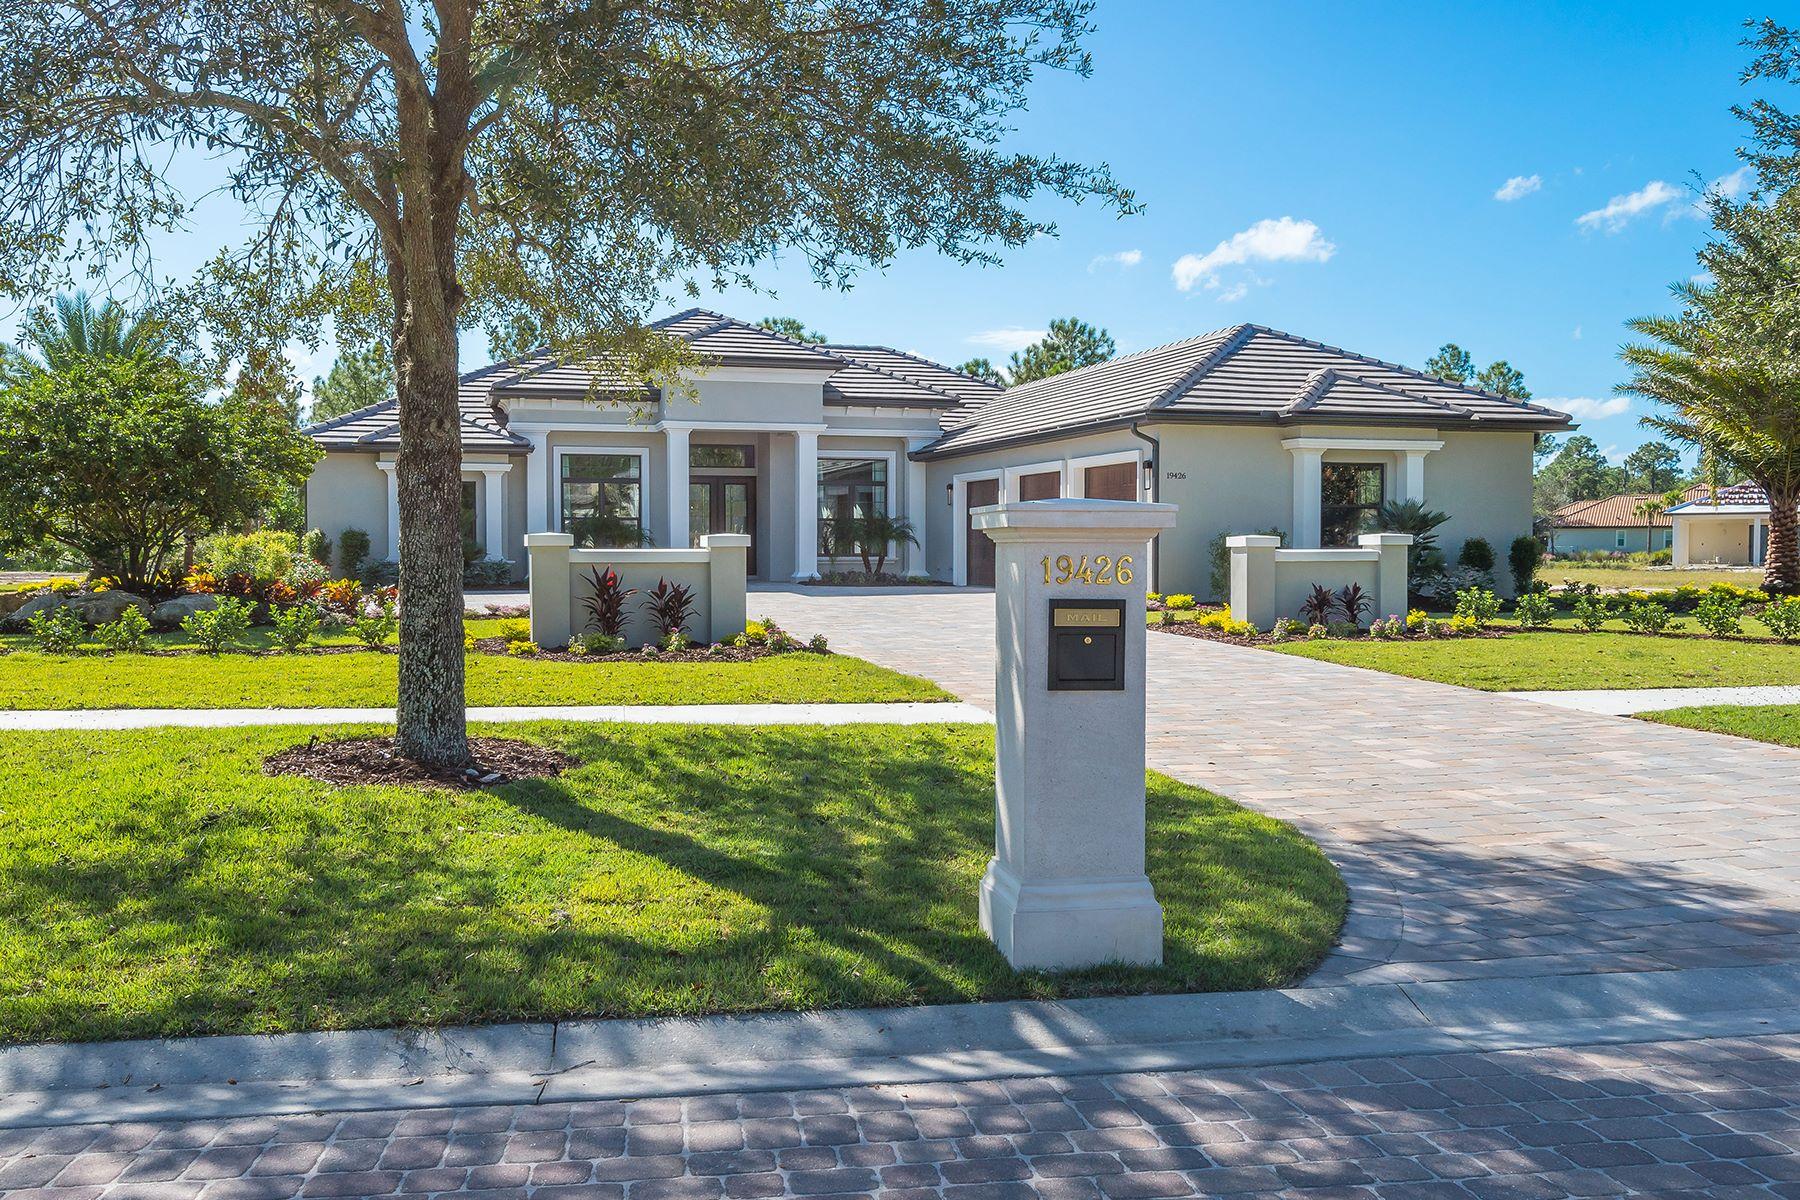 Casa para uma família para Venda às 19426 Beacon Park Pl , Bradenton, FL 34202 19426 Beacon Park Pl Bradenton, Florida, 34202 Estados Unidos